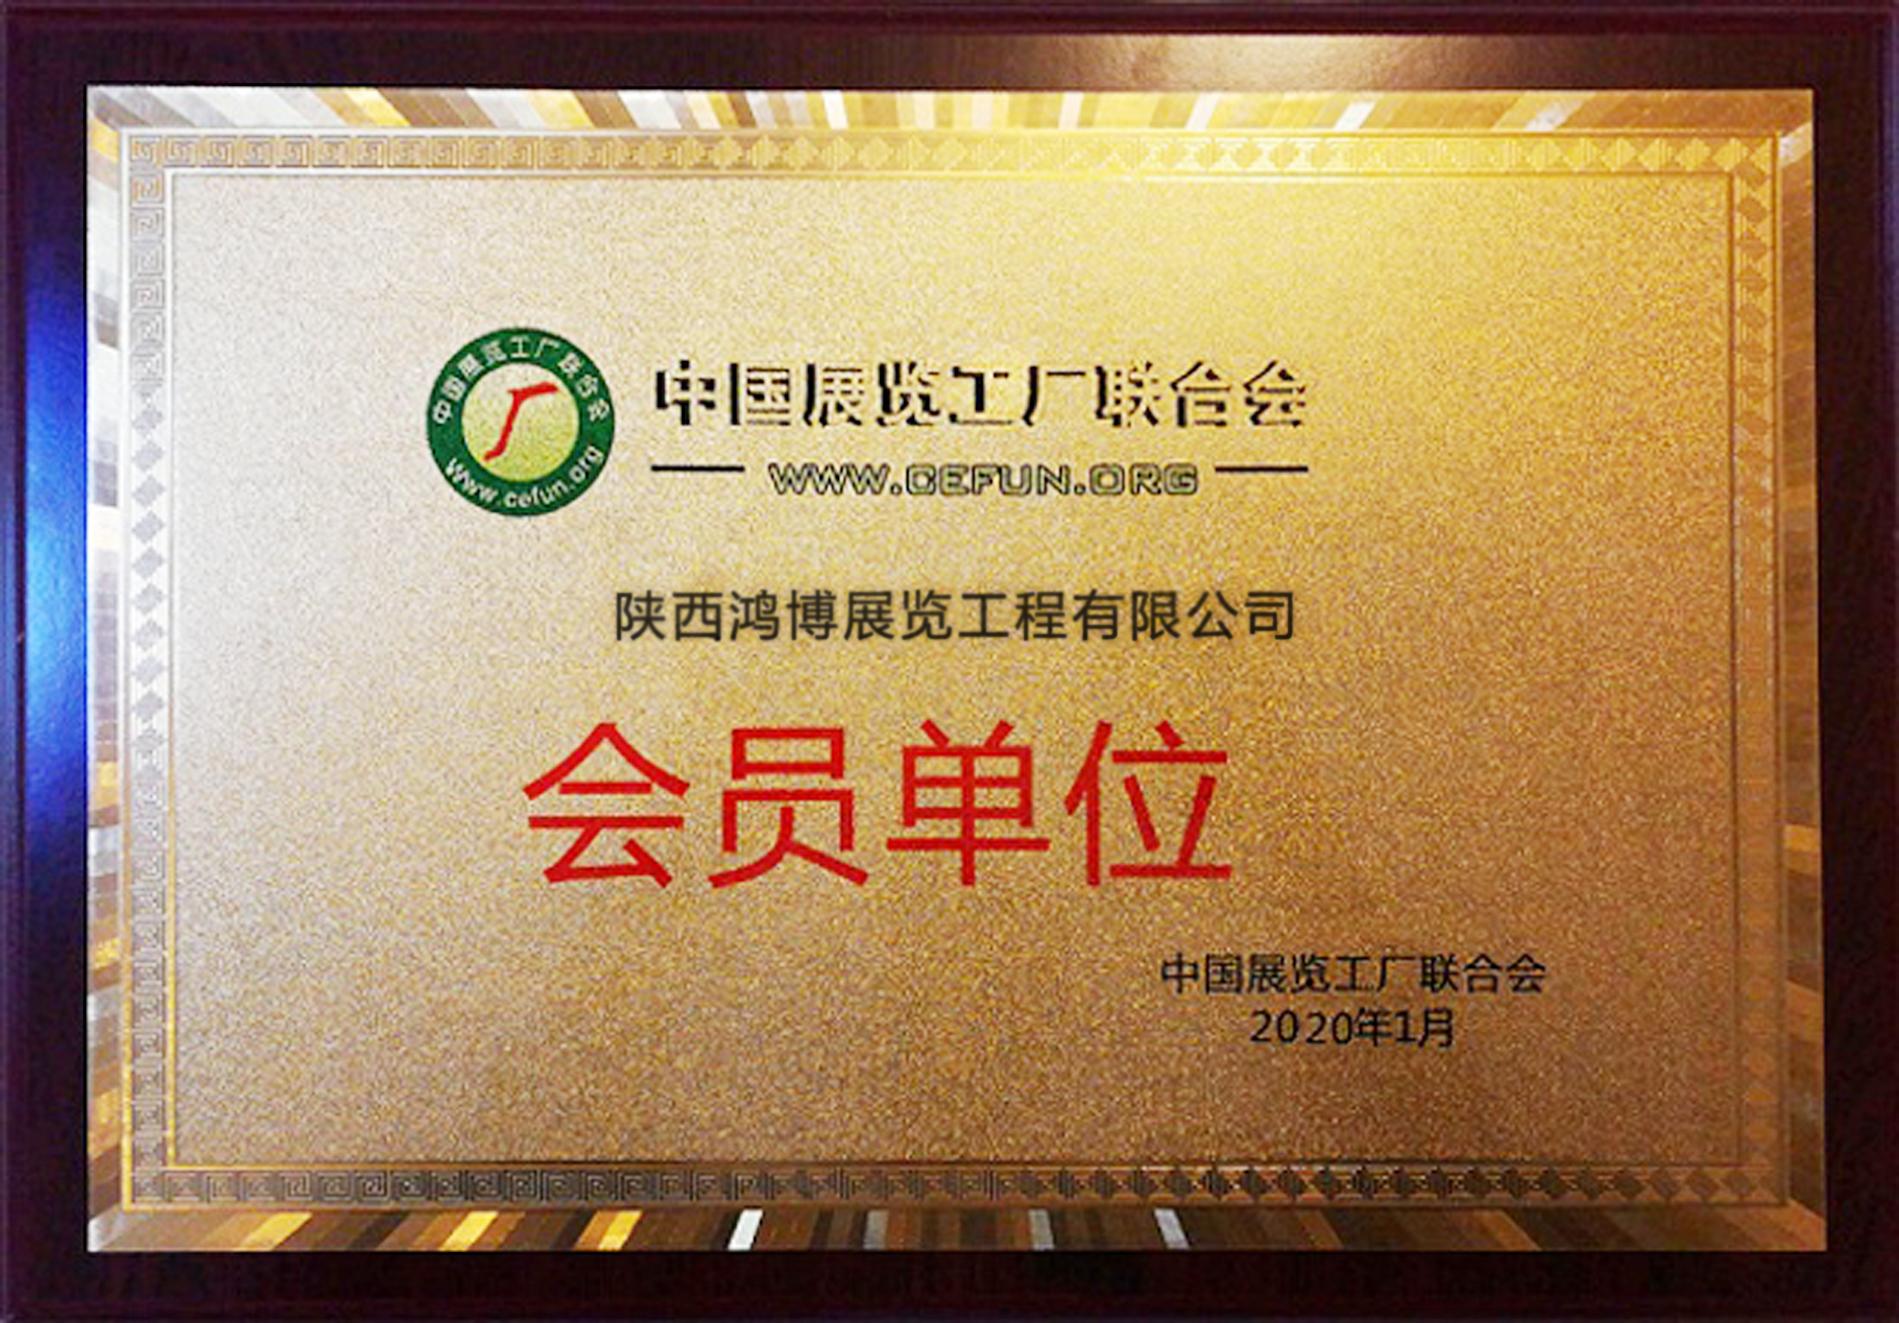 中国展览工厂联合会